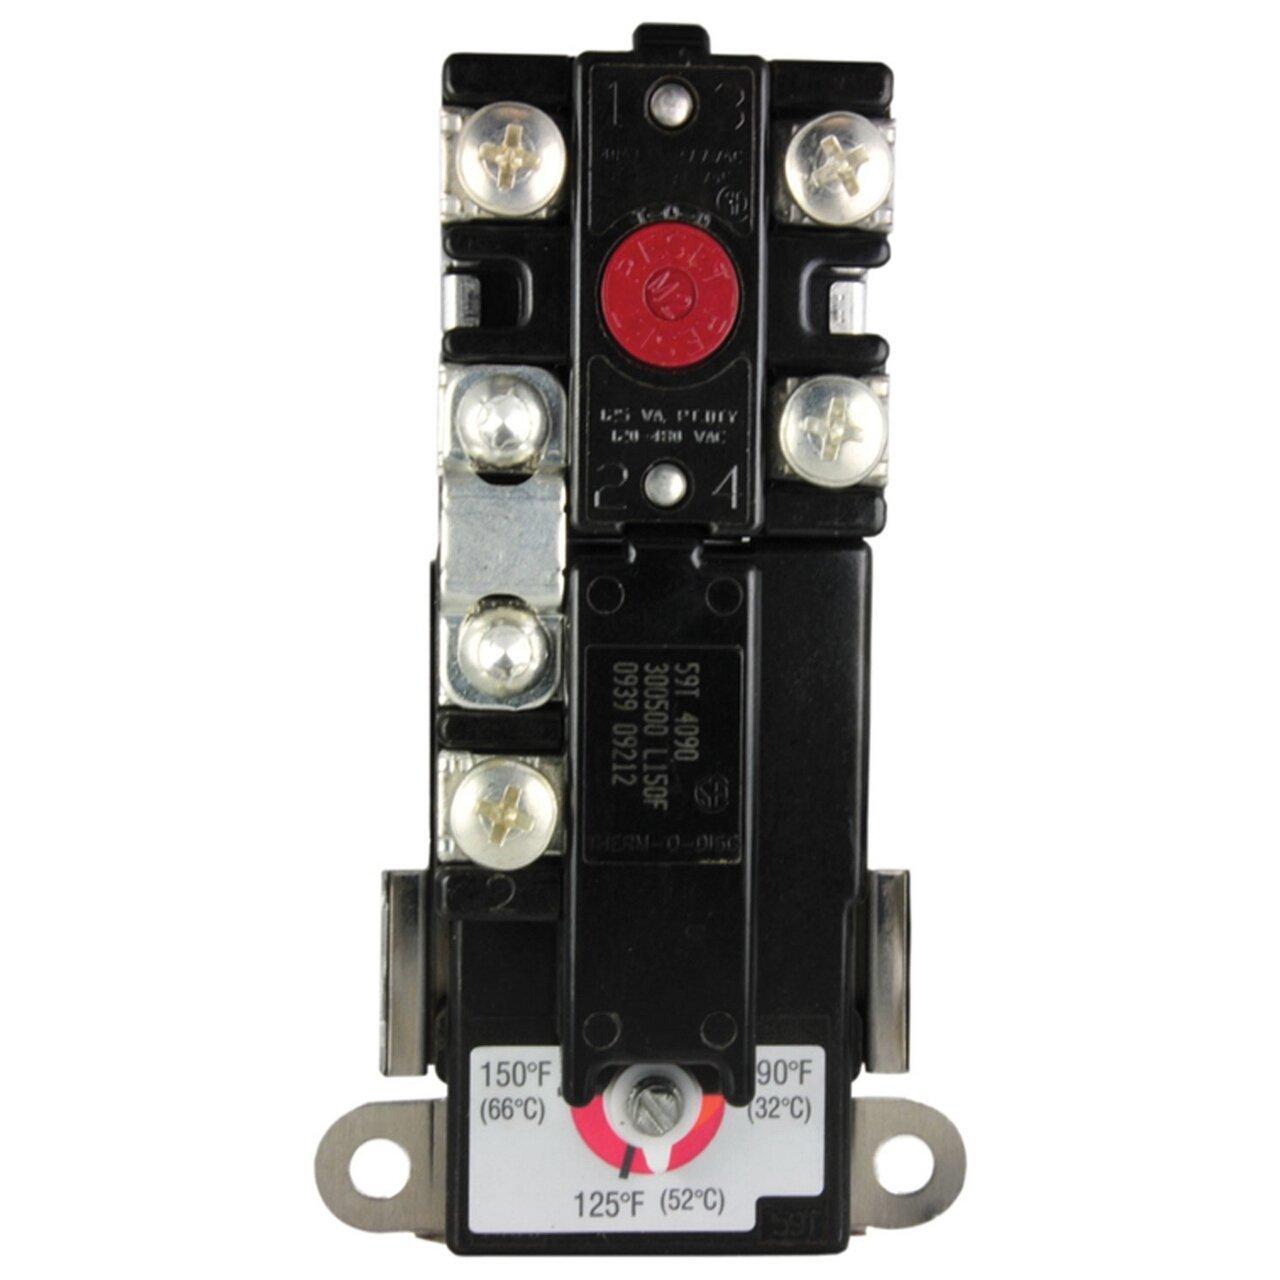 เทอร์โมสตัท Therm-O-Disc Upper Thermostat 90-150F